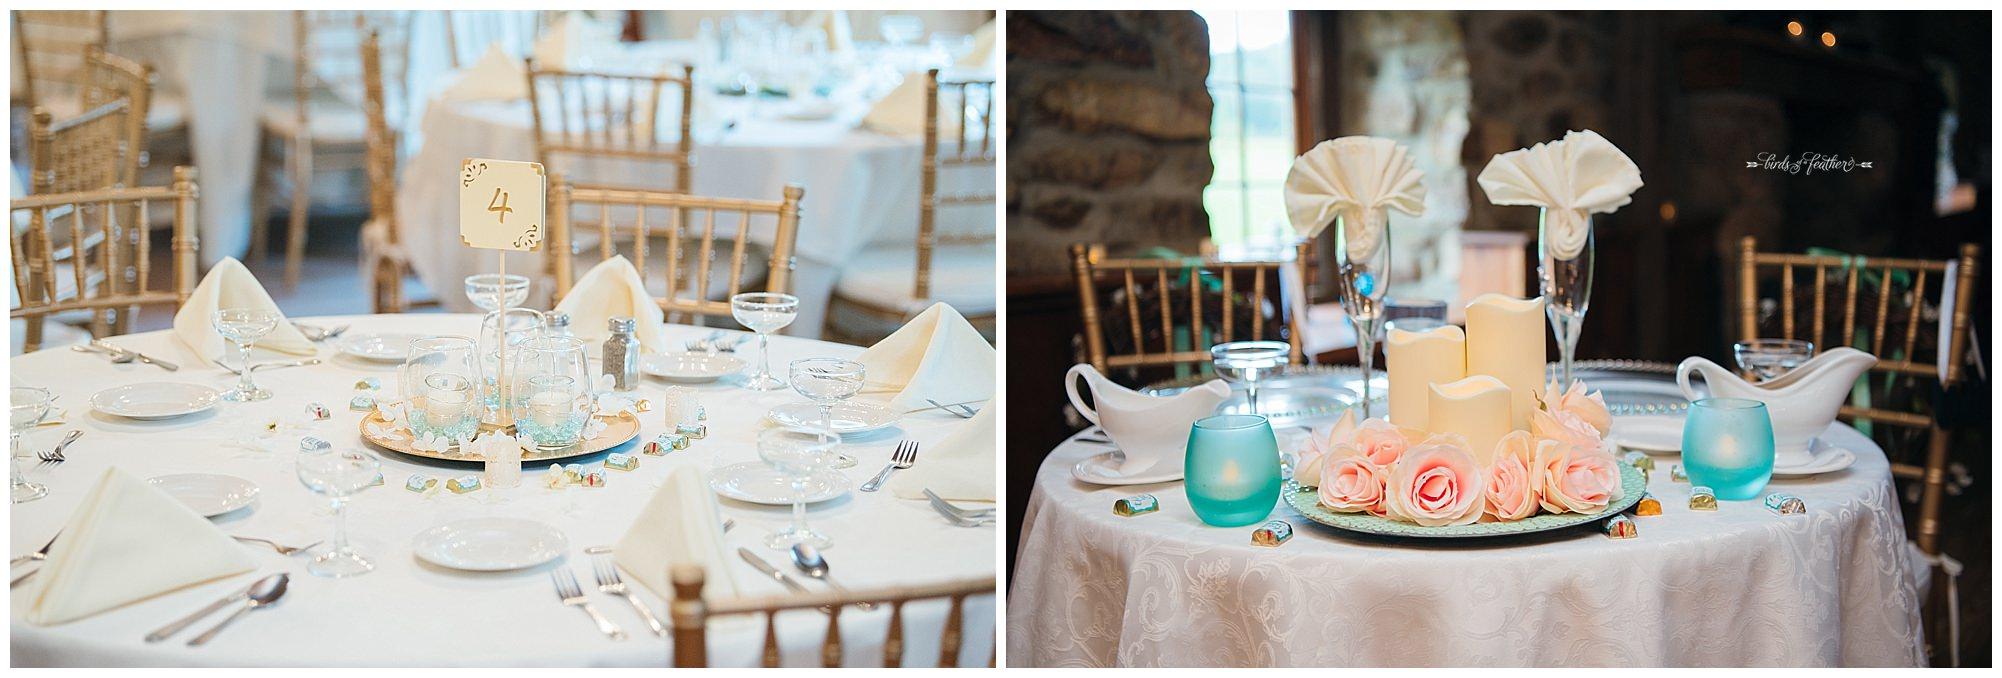 Birds of a Feather Photography Bally Spring Inn Wedding Photographer 24